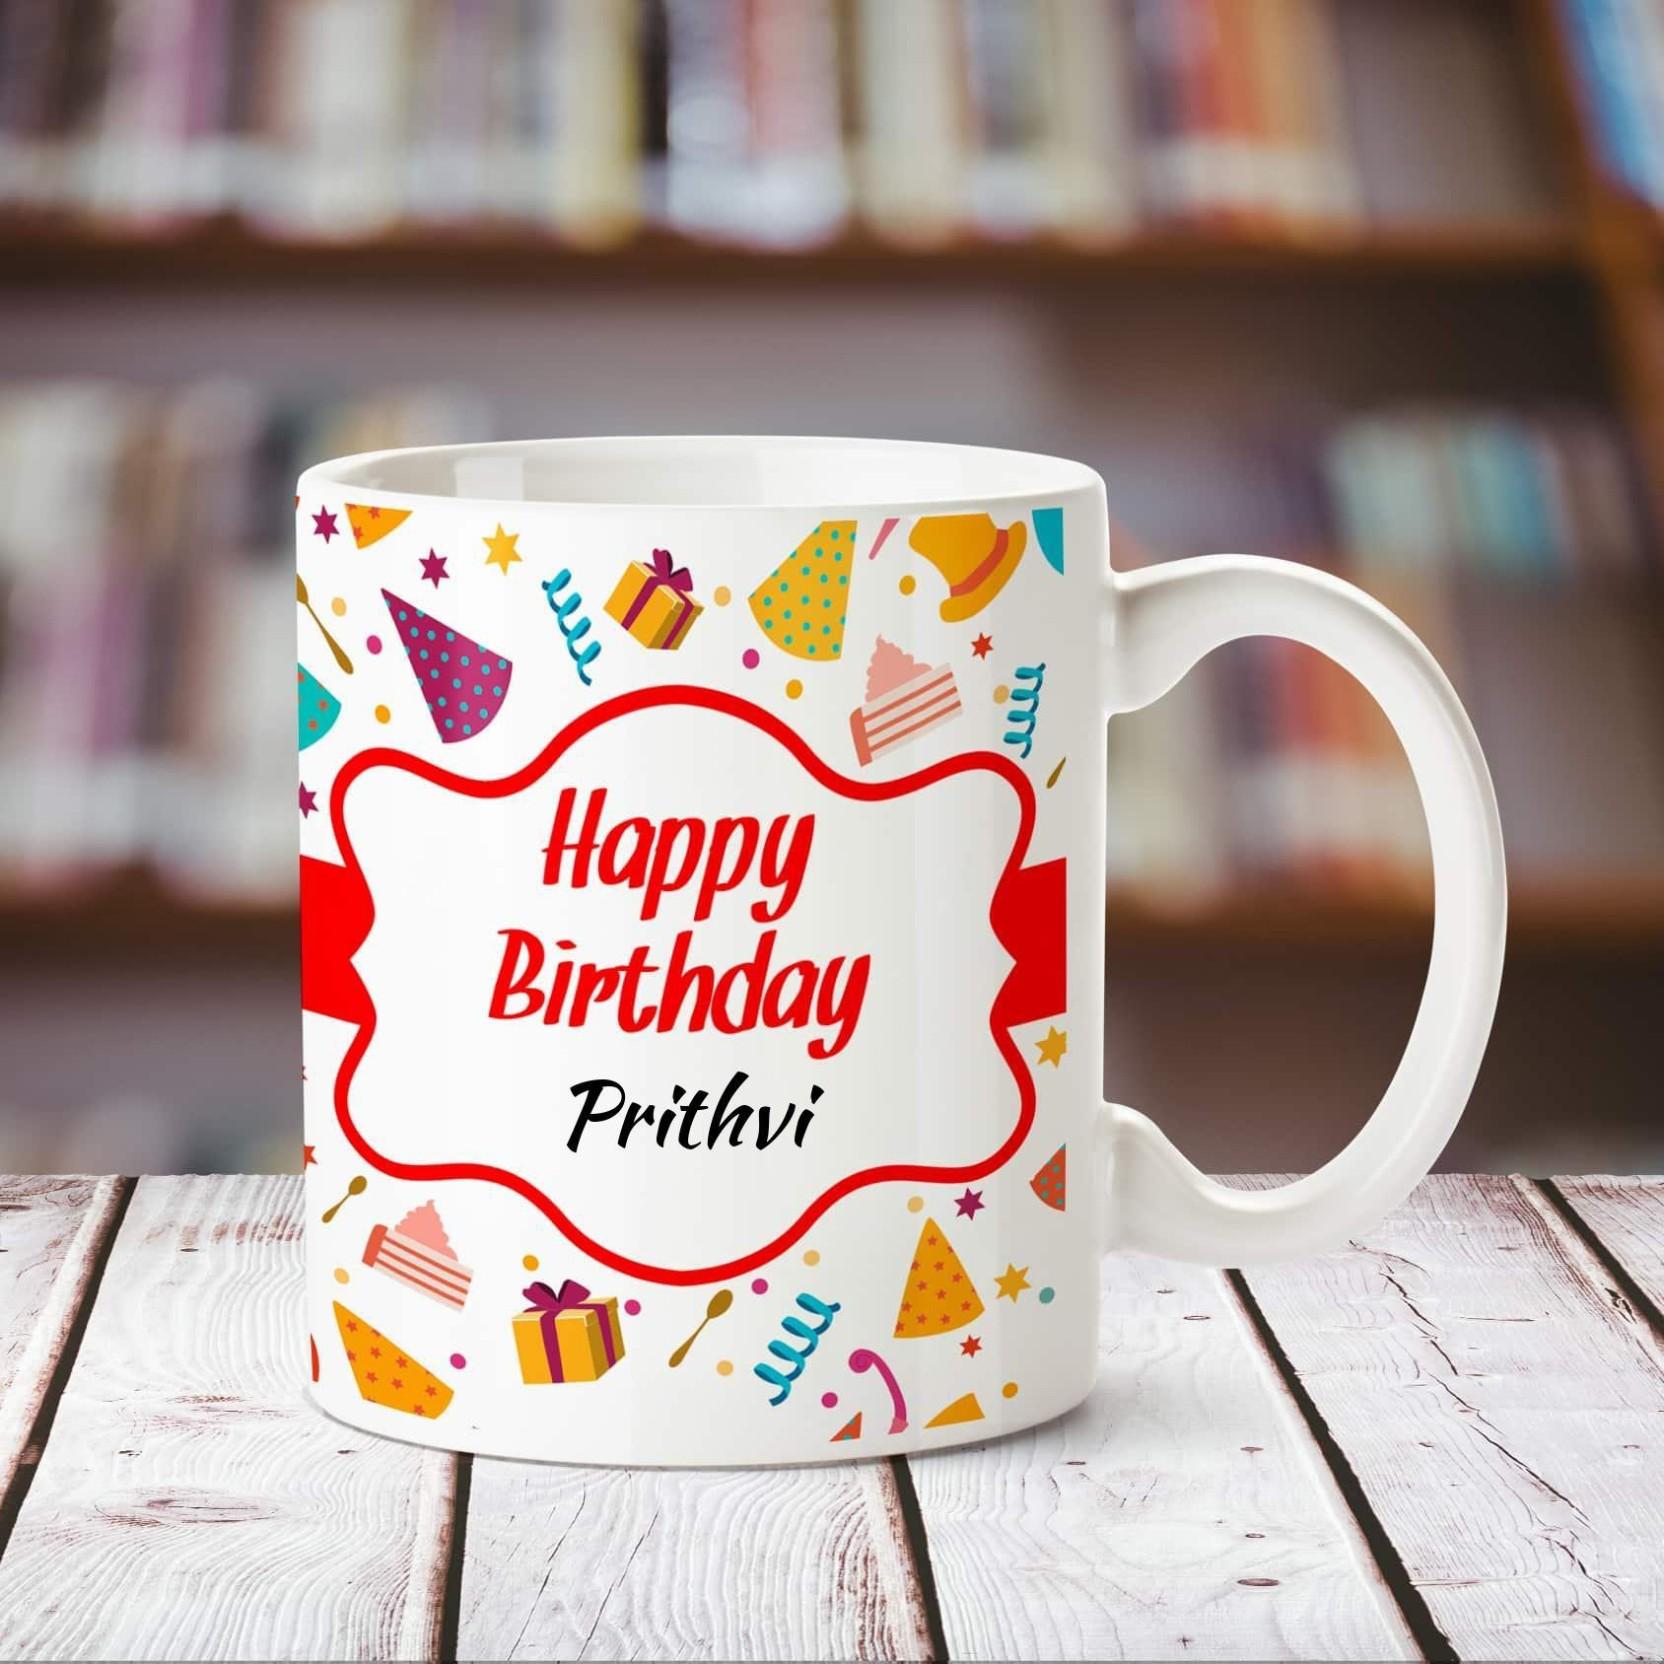 5375cc7f421cb Chanakya Happy Birthday Prithvi personalized name coffee mug Ceramic Mug  (350 ml)